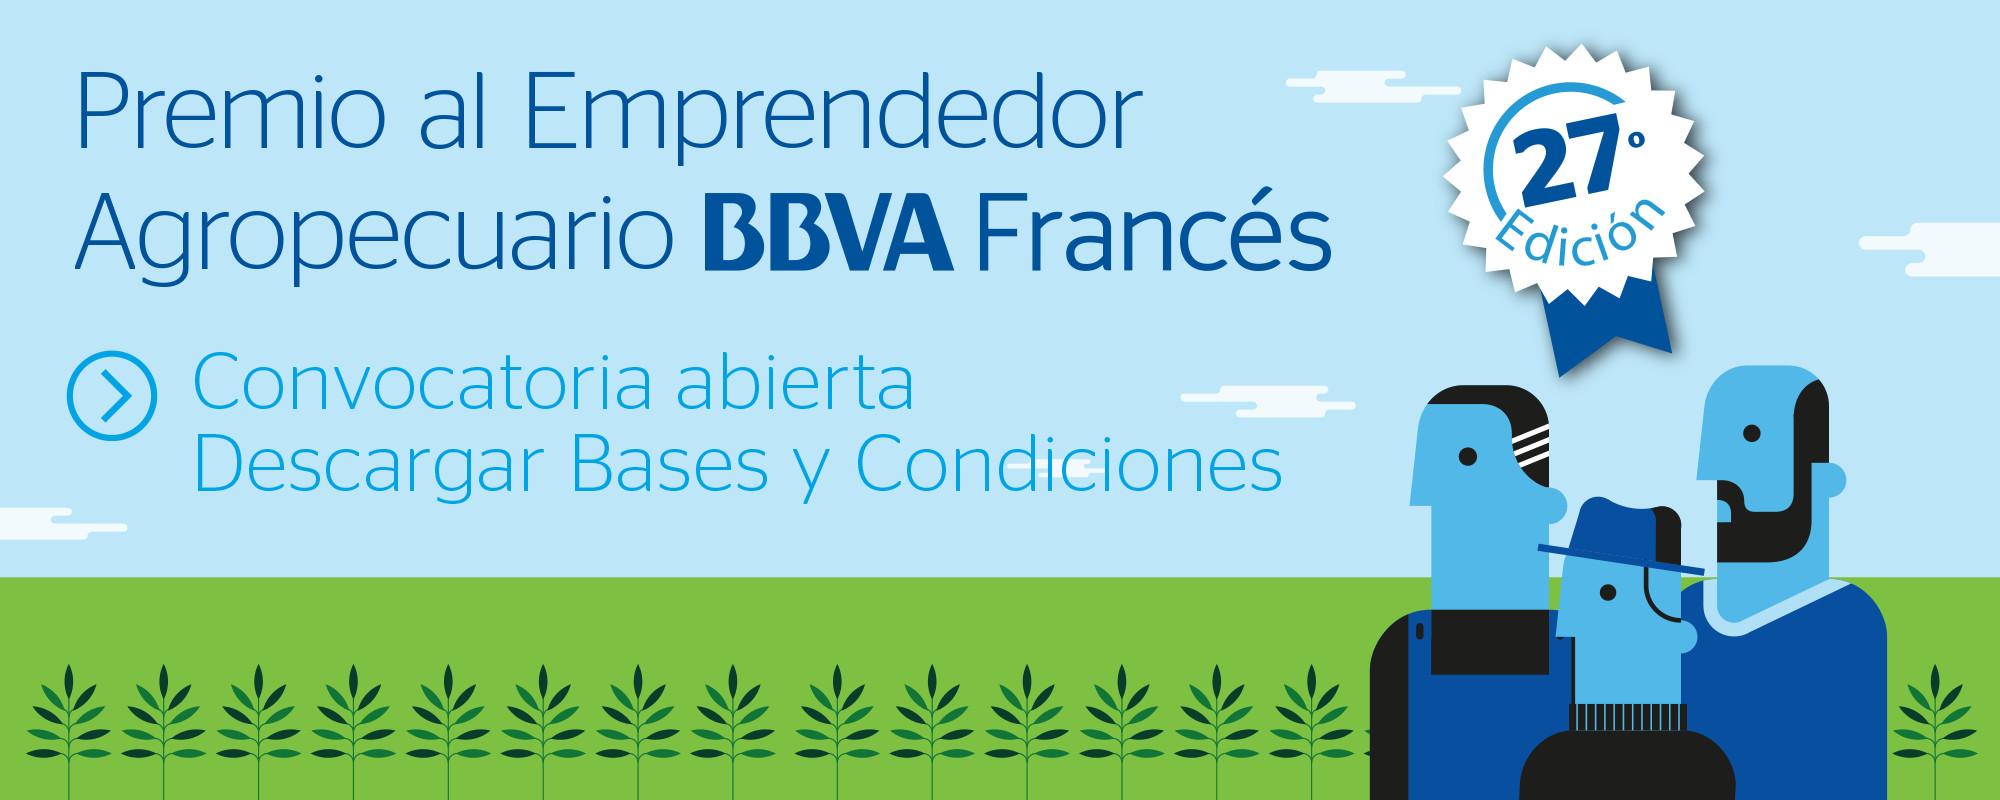 BBVA - 27 - Premio al Emprendedor Agropecuario